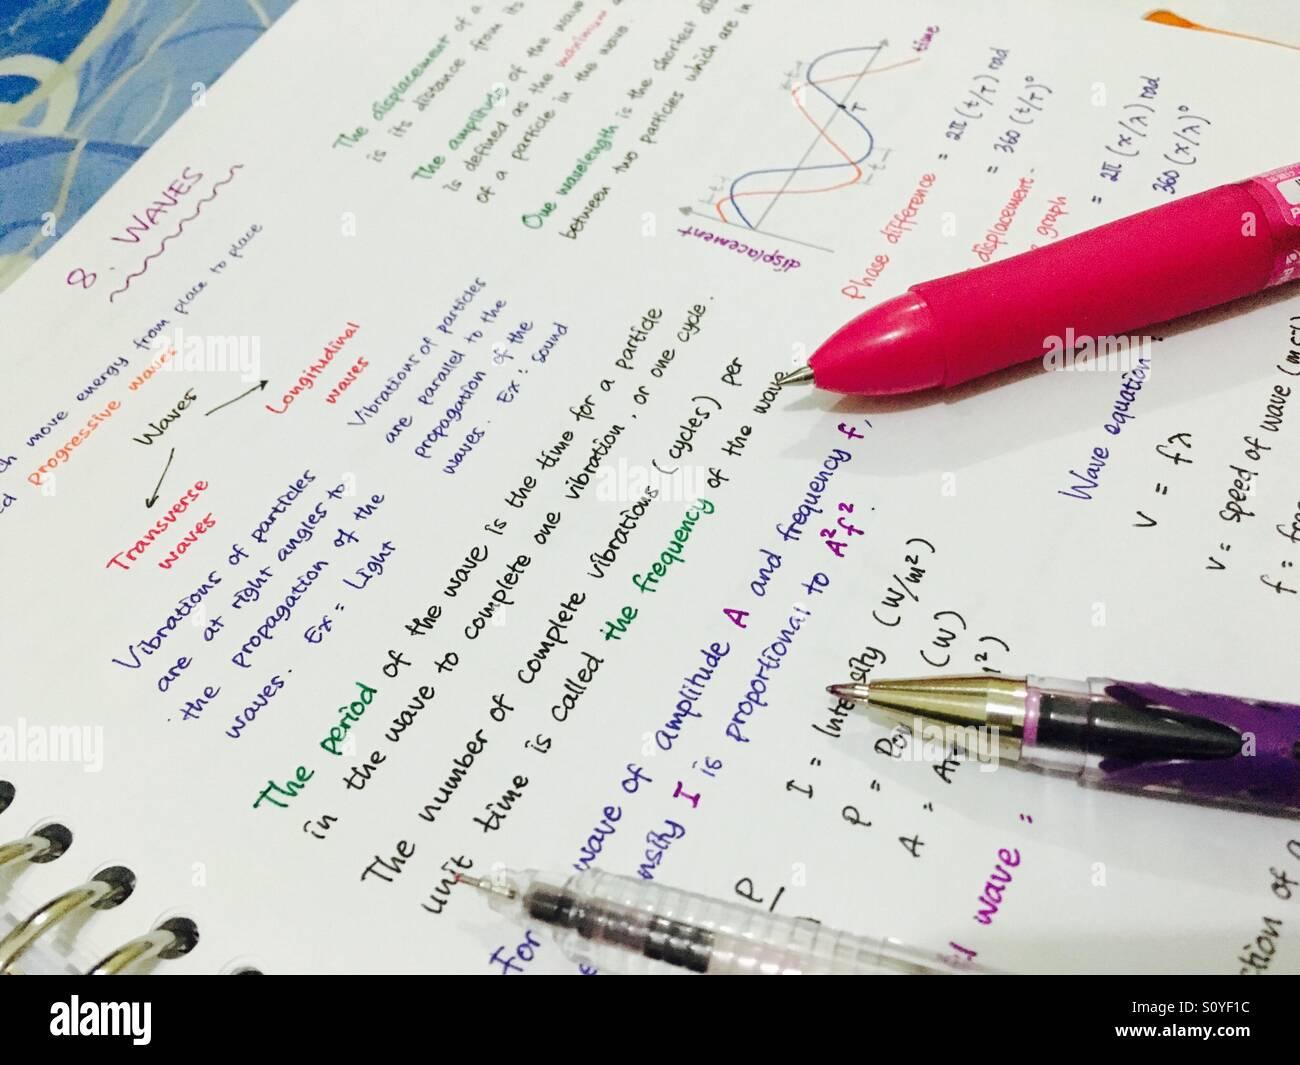 Colorido resumen de física con algunas plumas en el papel. Imagen De Stock